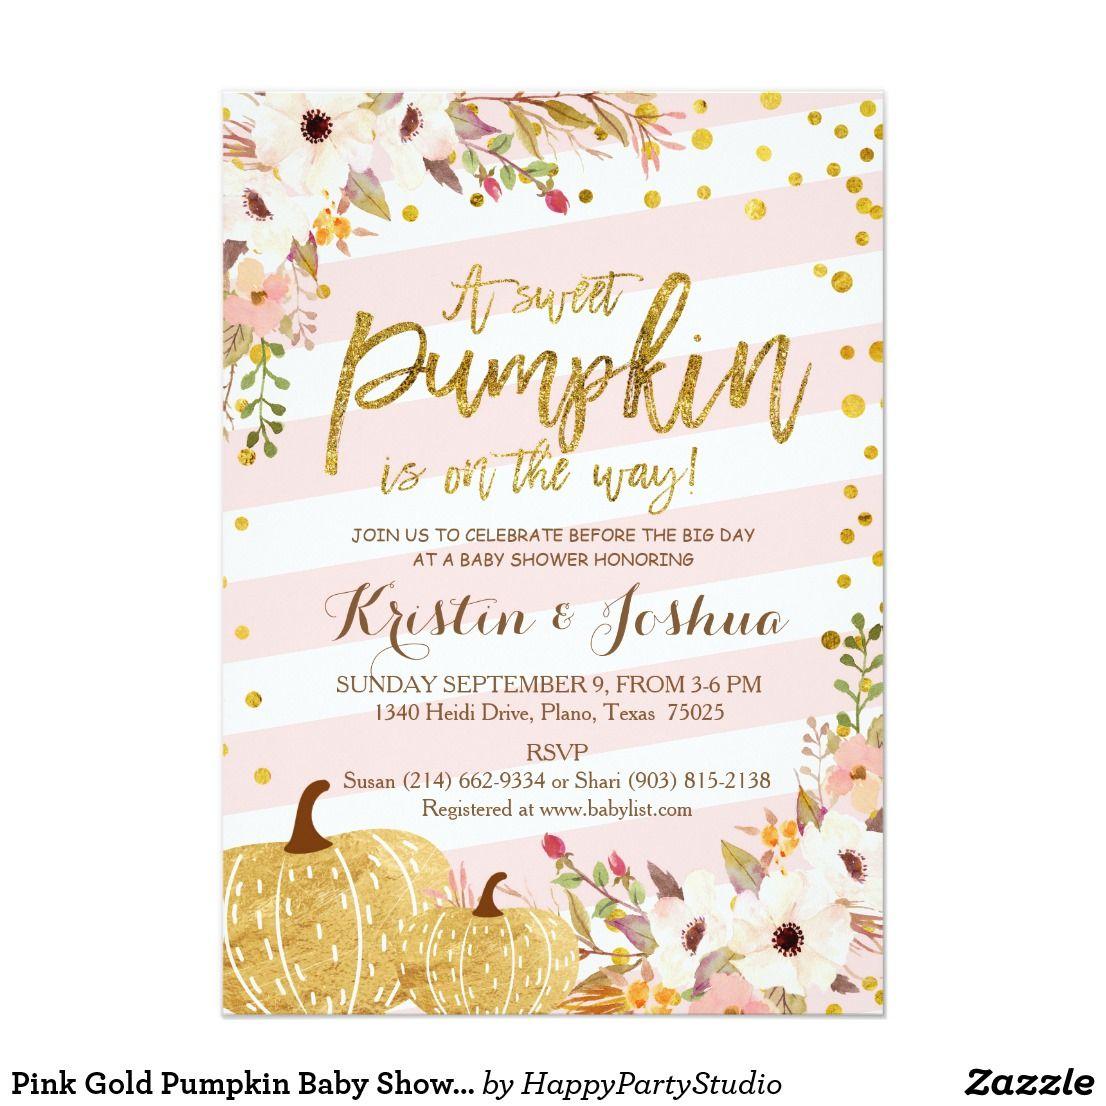 Pink Gold Pumpkin Baby Shower Invitation   Baby shower   Pinterest ...